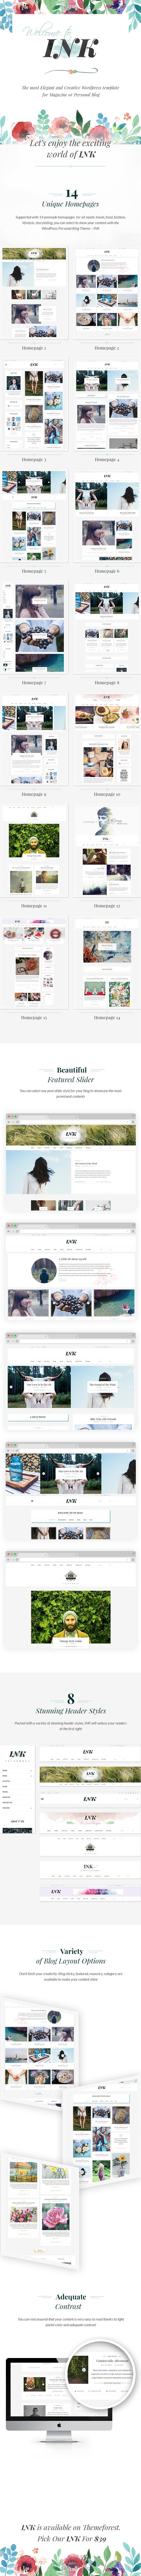 INK - Elegant Magazine Blog WordPress Theme